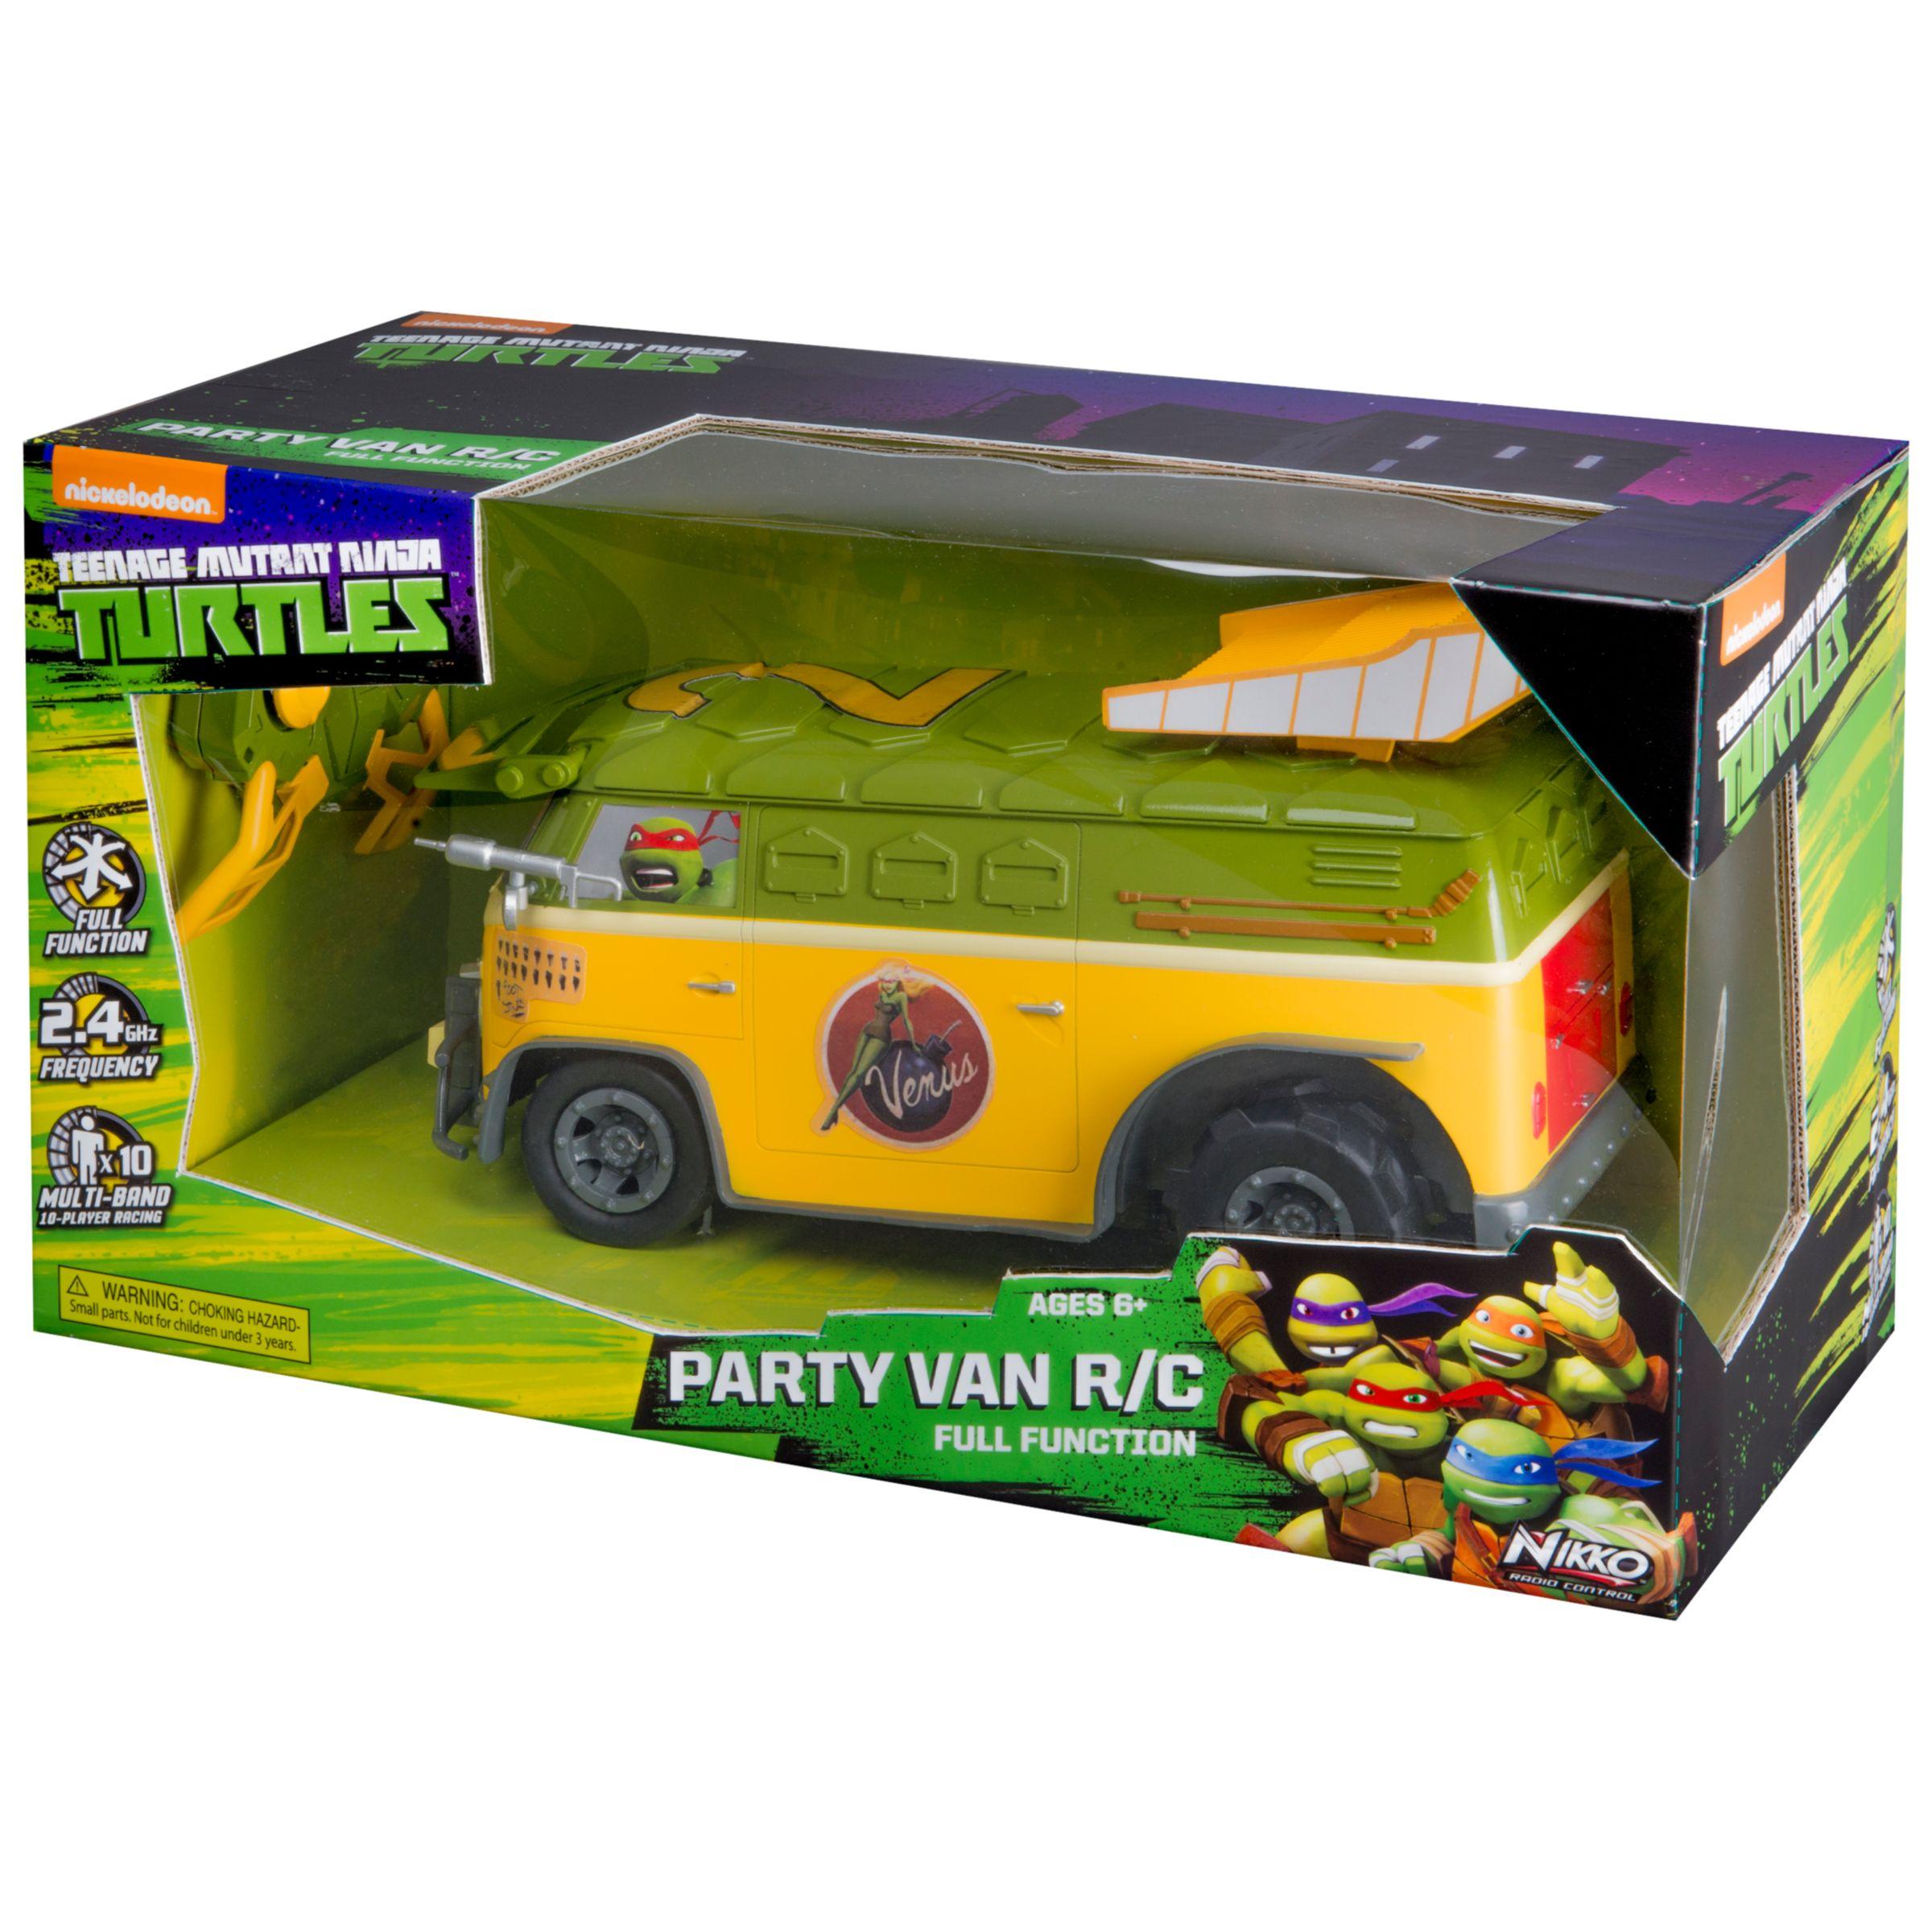 Nikko Nikko Teenage Mutant Ninja Turtles RC Party Van